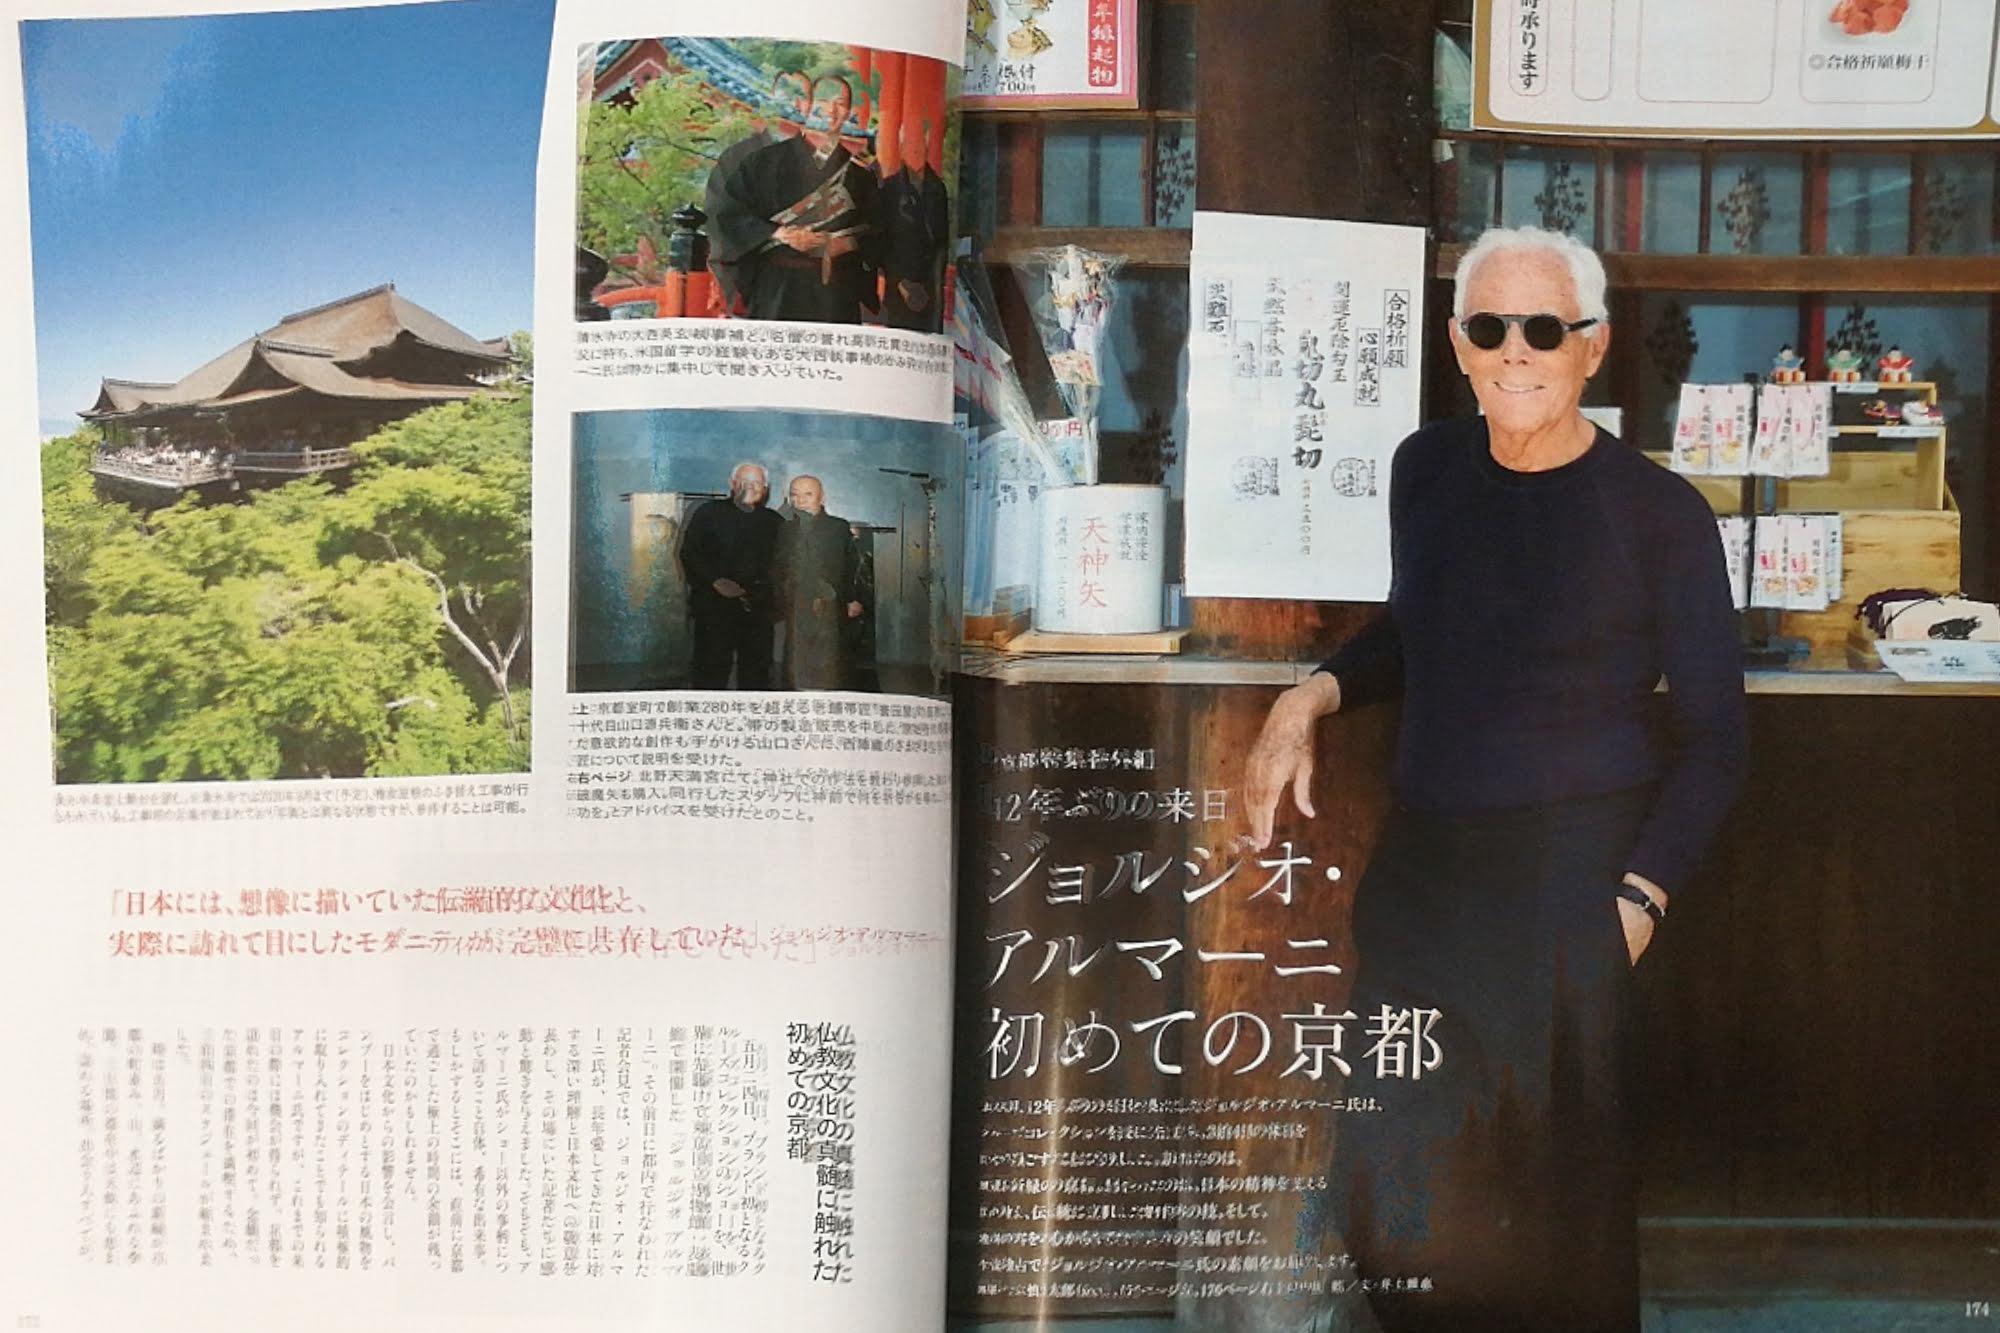 大木慎太郎がミセス10月号、ジョルジオアルマーニの取材ページを撮り下ろしました